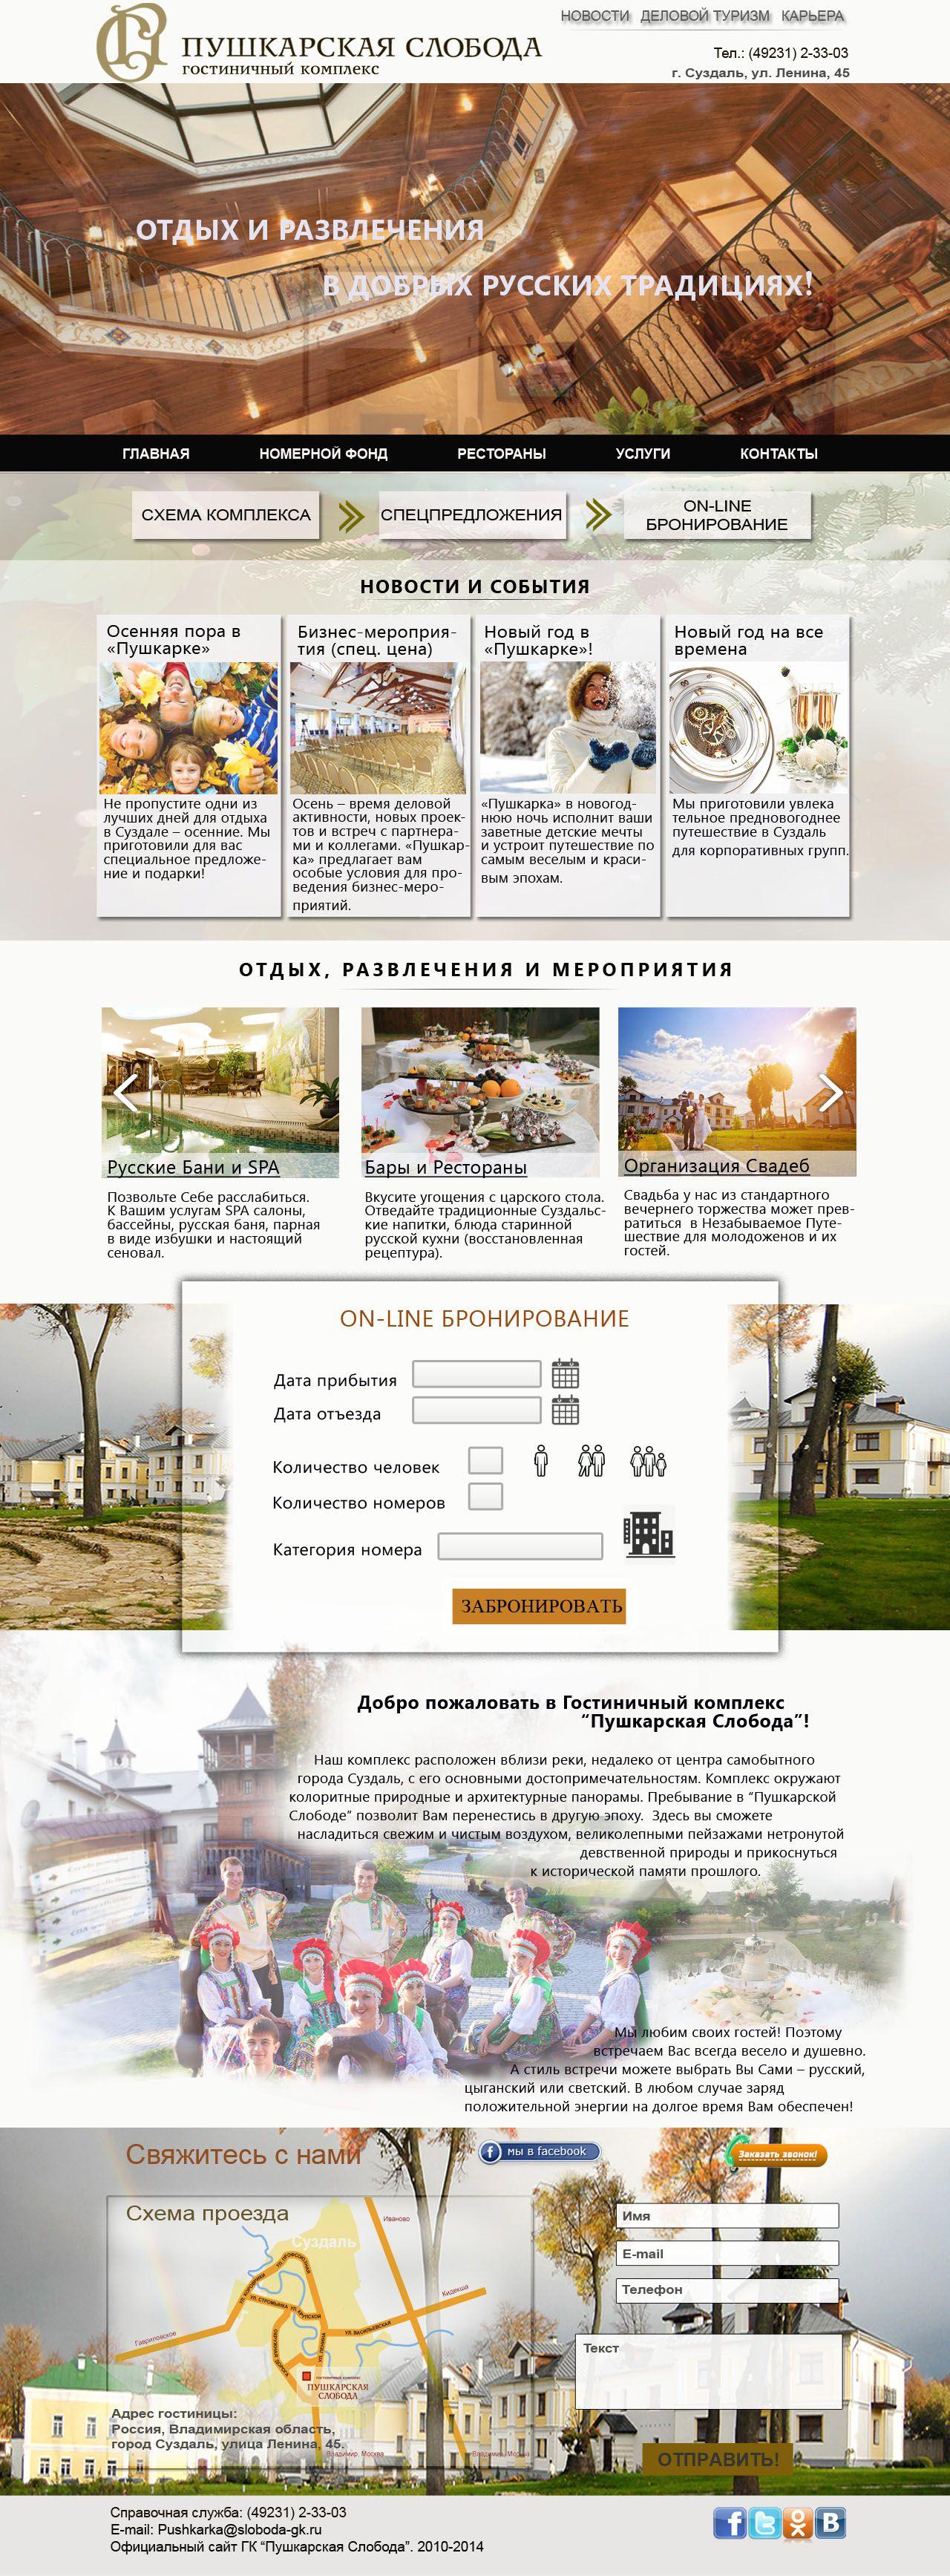 Сайт Пушкарской Слободы - дизайнер WebDias